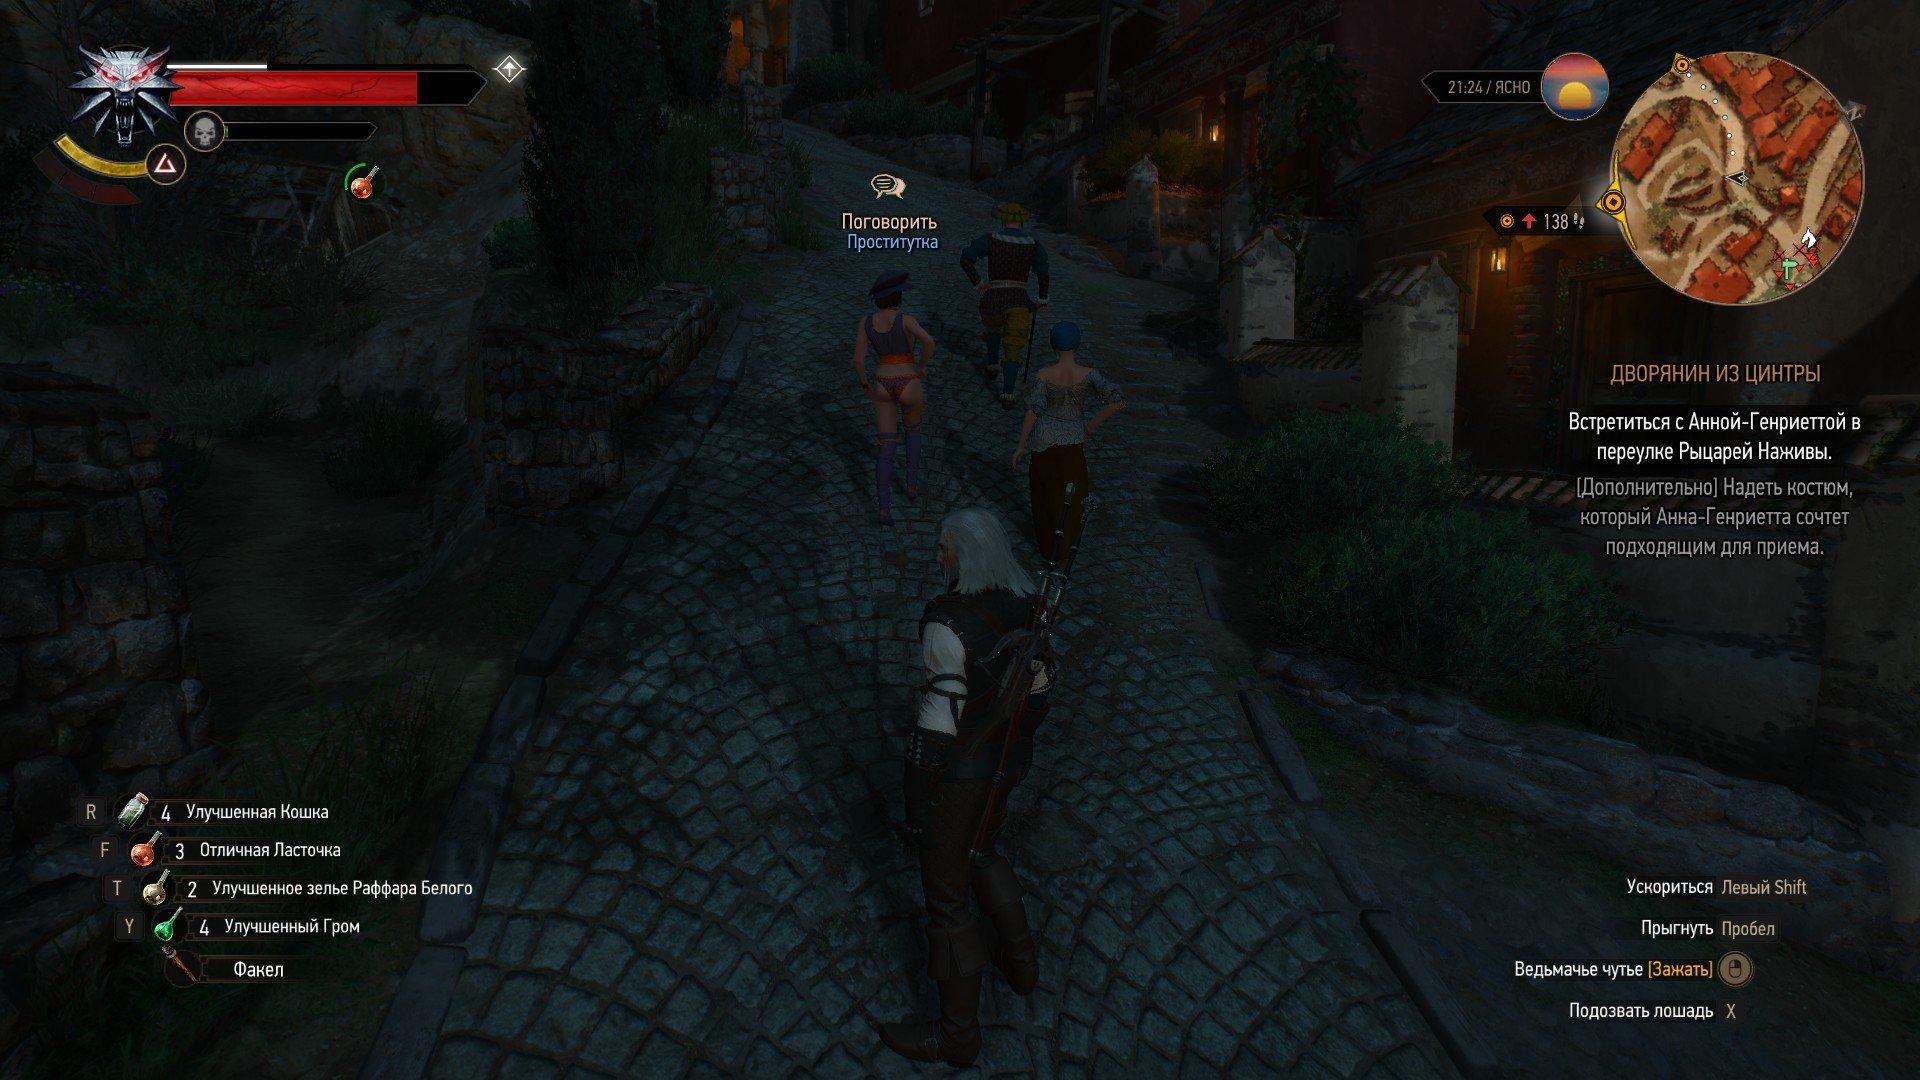 Вопль-прохождение Witcher 3: Кровь и Вино ... ФИНАЛ!!! [ВНИМАНИЕ, СПОЙЛЕРЫ] - Изображение 9